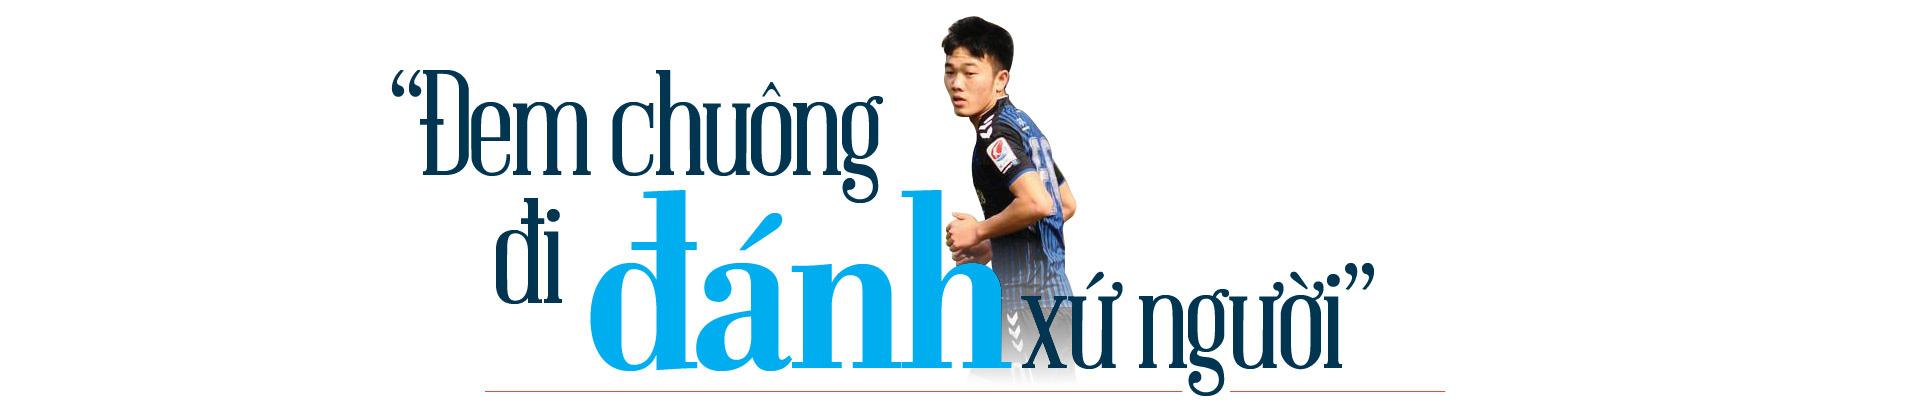 """Tiền vệ Lương Xuân Trường: """"Tôi muốn sống đẹp trong từng khoảnh khắc"""" - Ảnh 4."""